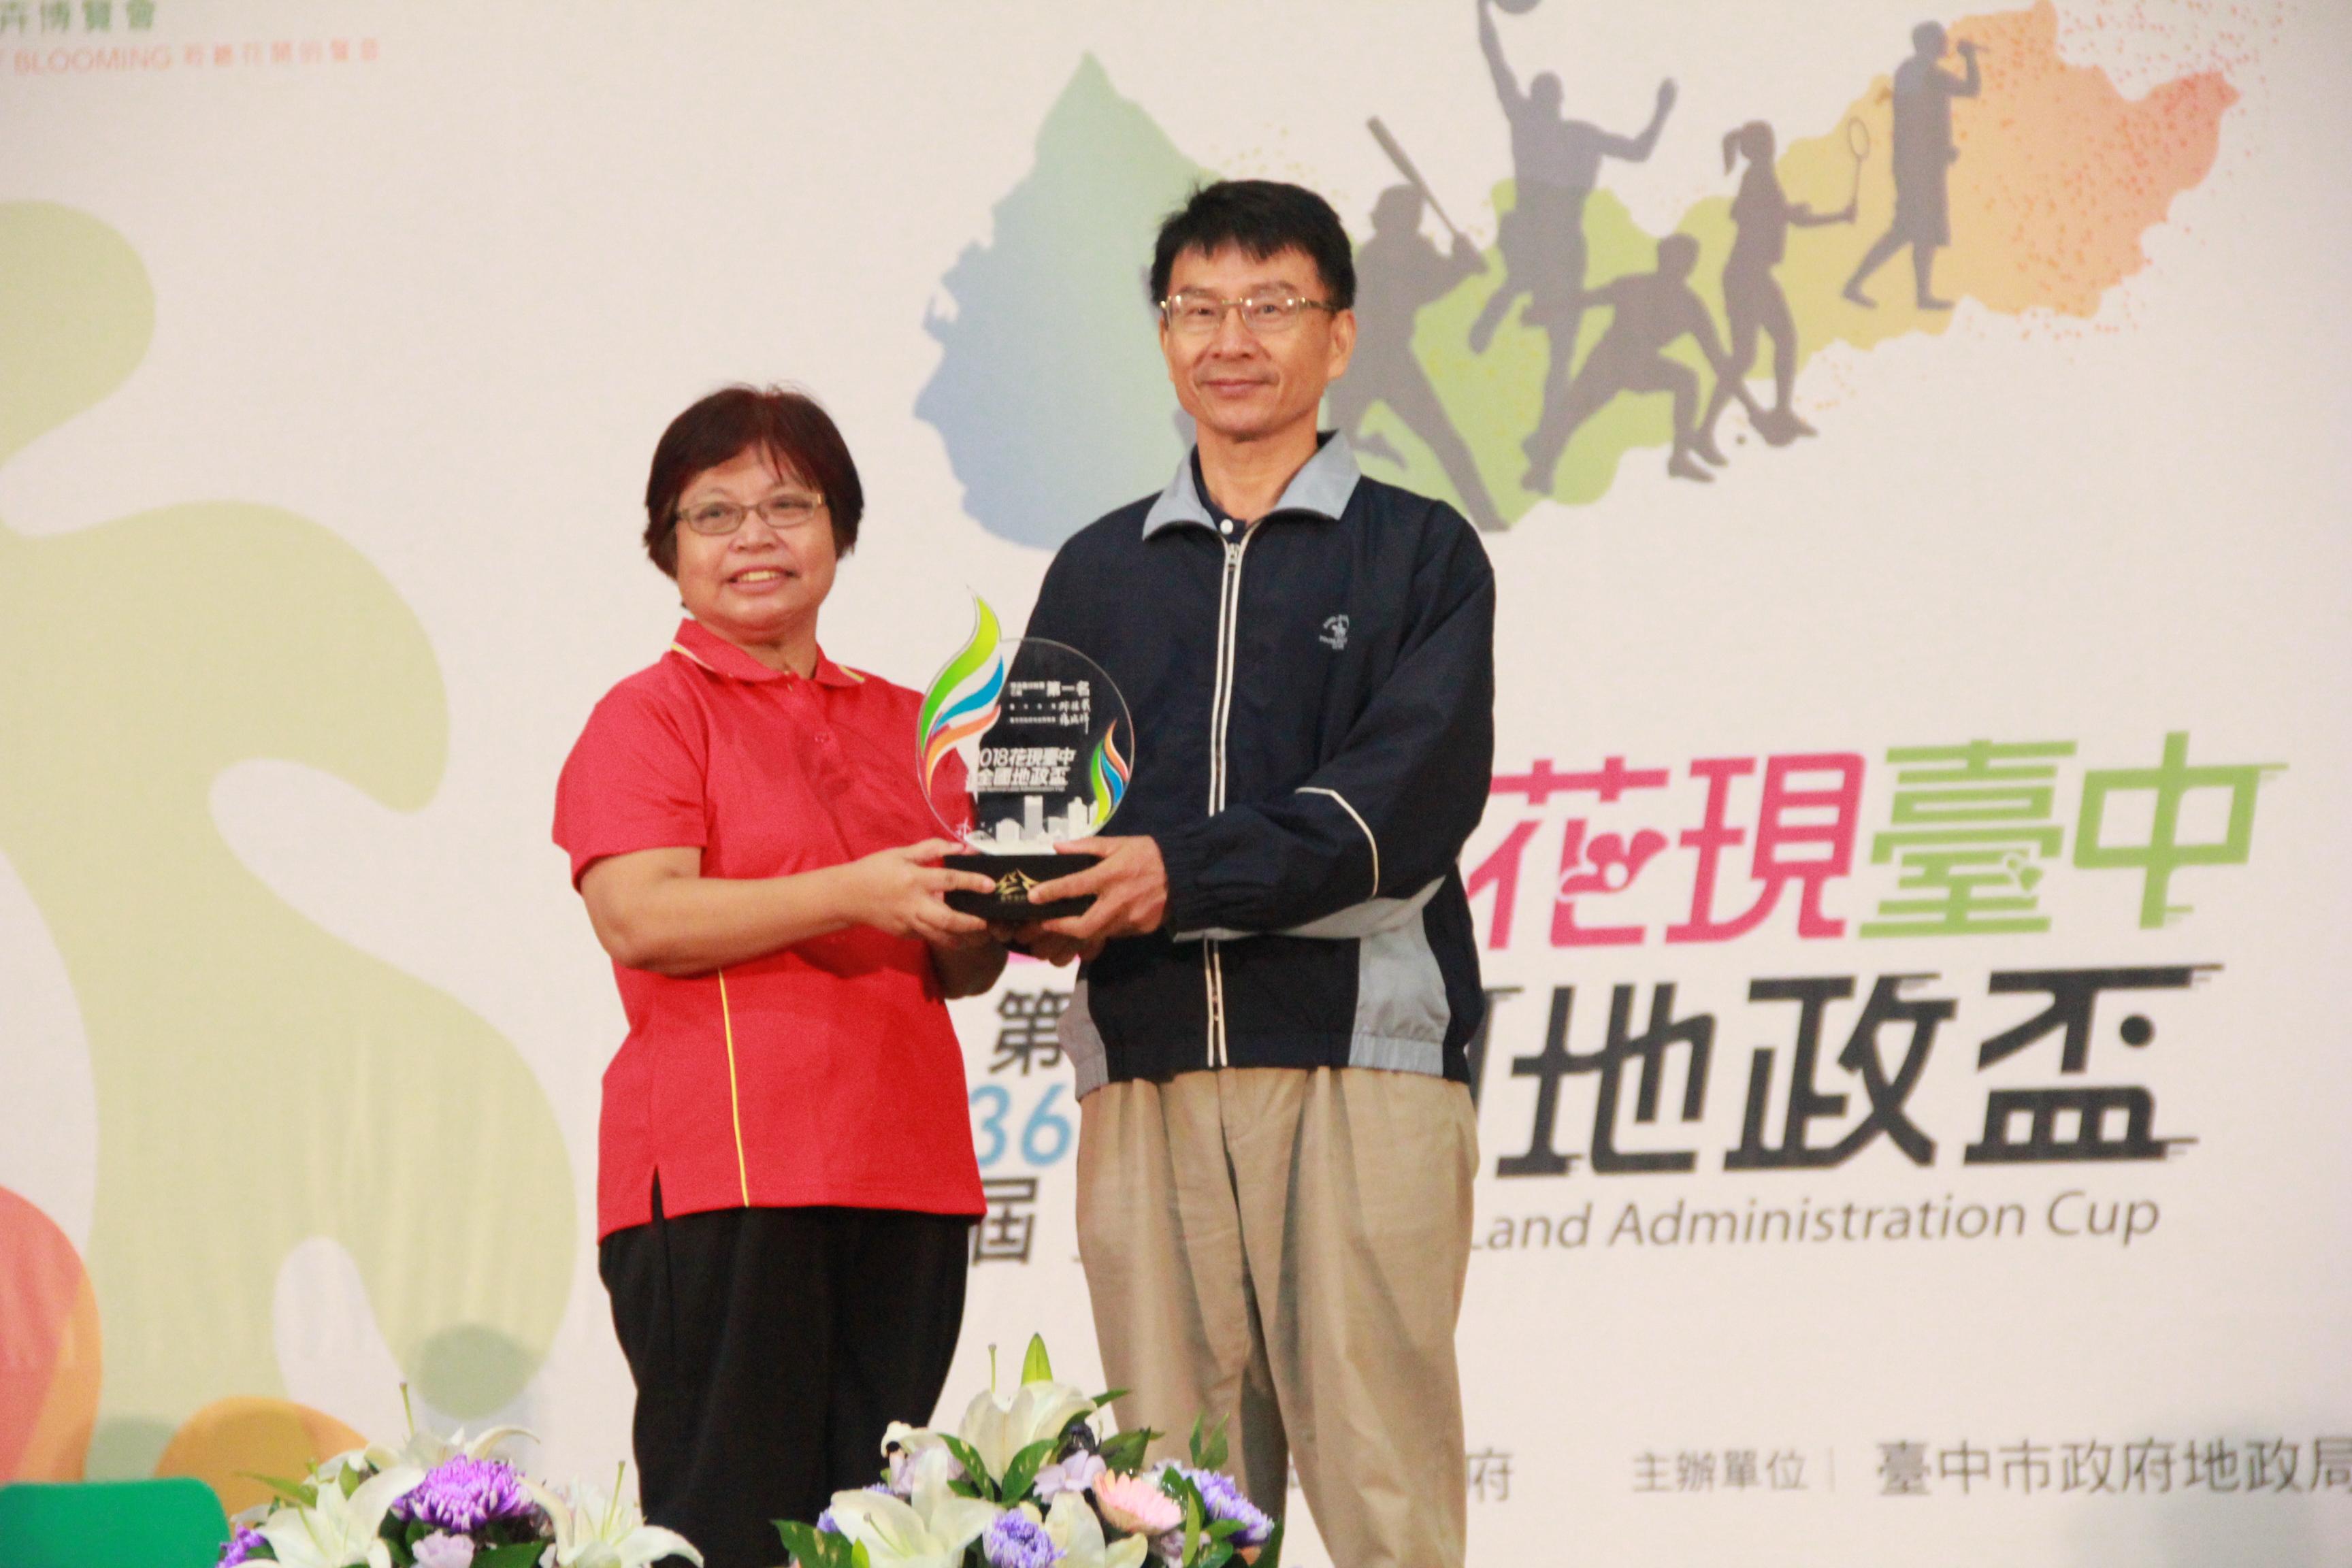 慢速壘球乙組榮獲第1名本中心鄭副主任彩堂代表領獎